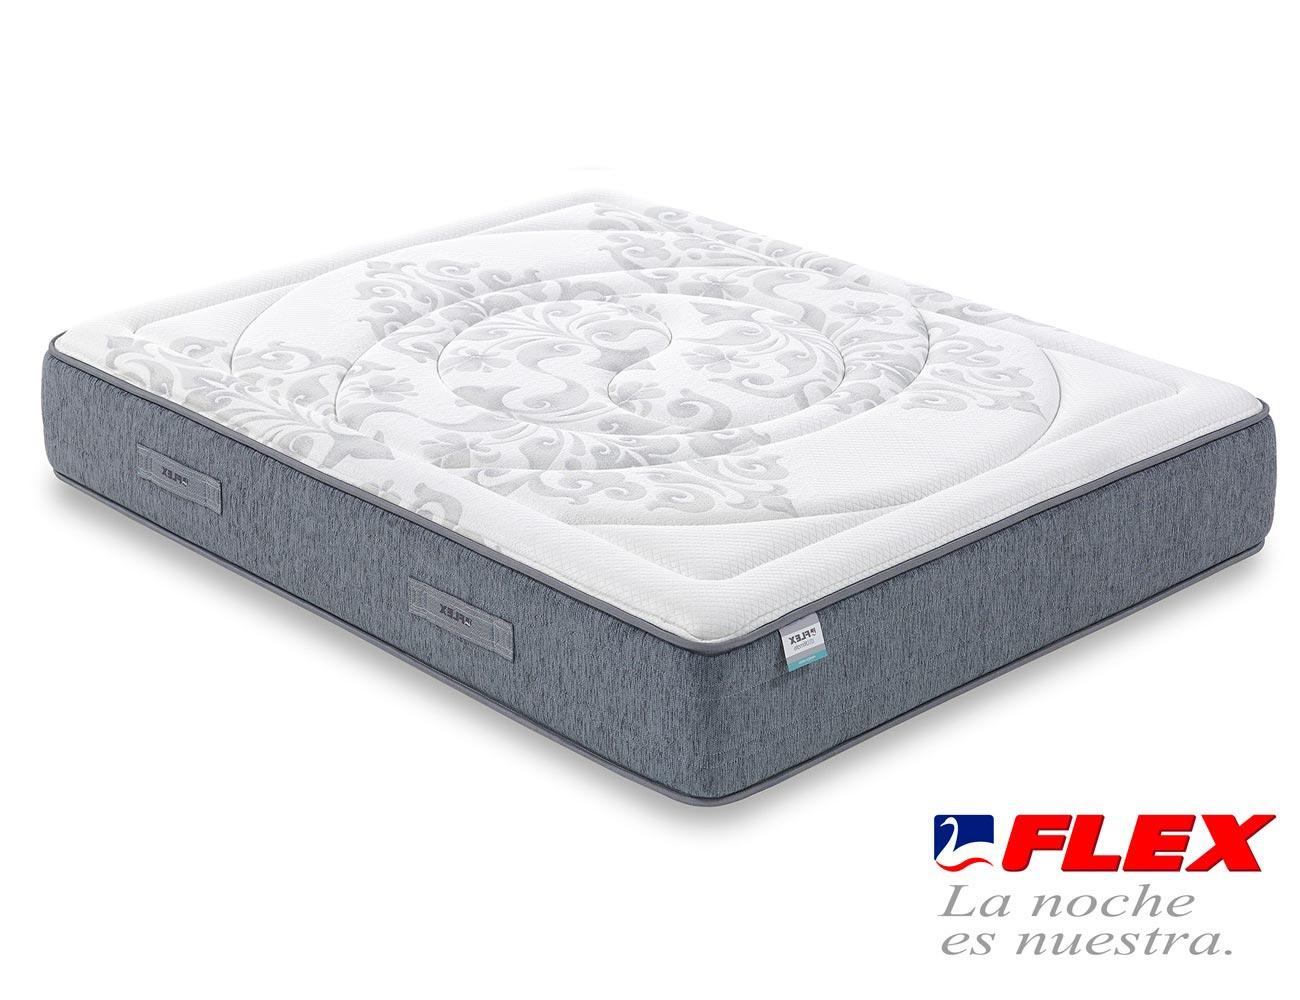 Colchon flex airvex viscoelastica gel garbi2